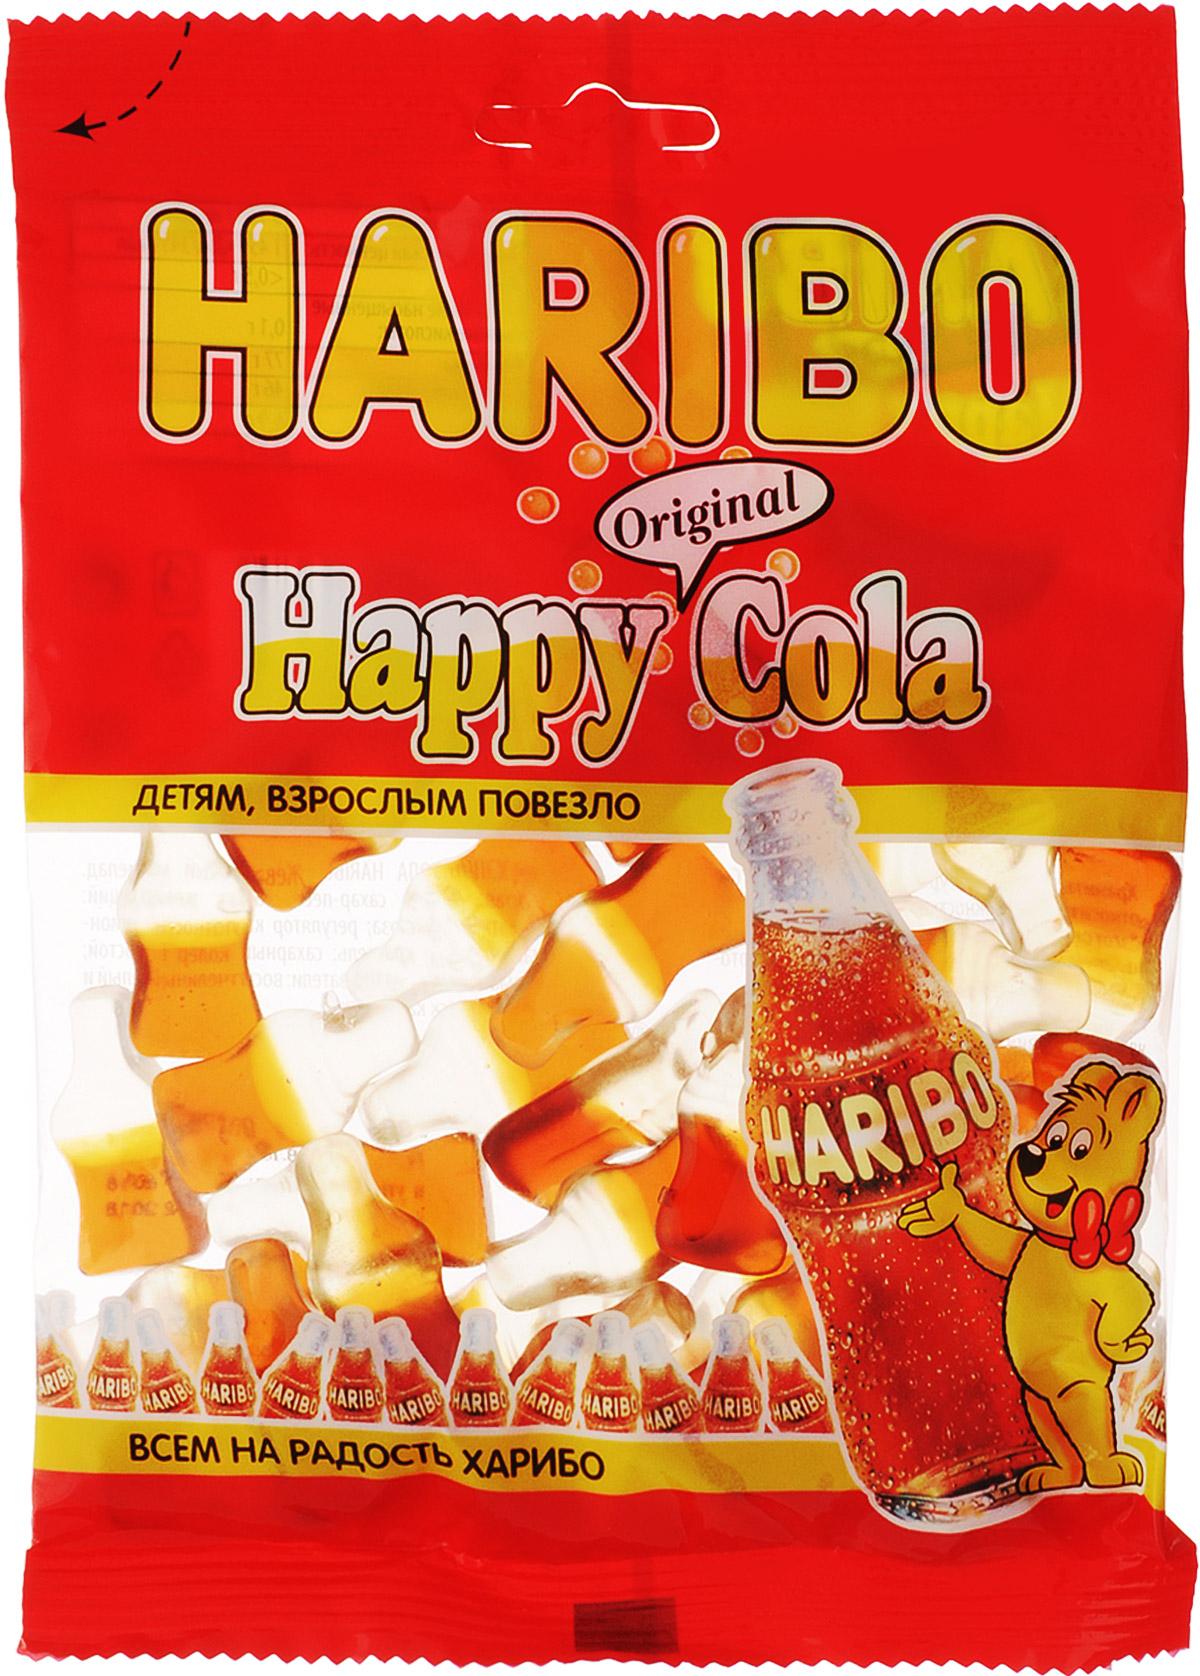 Haribo Happy Cola жевательный мармелад, 140 г31367Happy Cola Haribo - оригинальный формат в категории жевательного мармелада с насыщенным вкусом любимого всеми напитка! Его любят и взрослые, и дети! Haribo Happy Cola со вкусом колы - это настоящая классика в продуктовой линейке Haribo, ваш заряд энергии на целый день! Уважаемые клиенты! Обращаем ваше внимание, что полный перечень состава продукта представлен на дополнительном изображении.